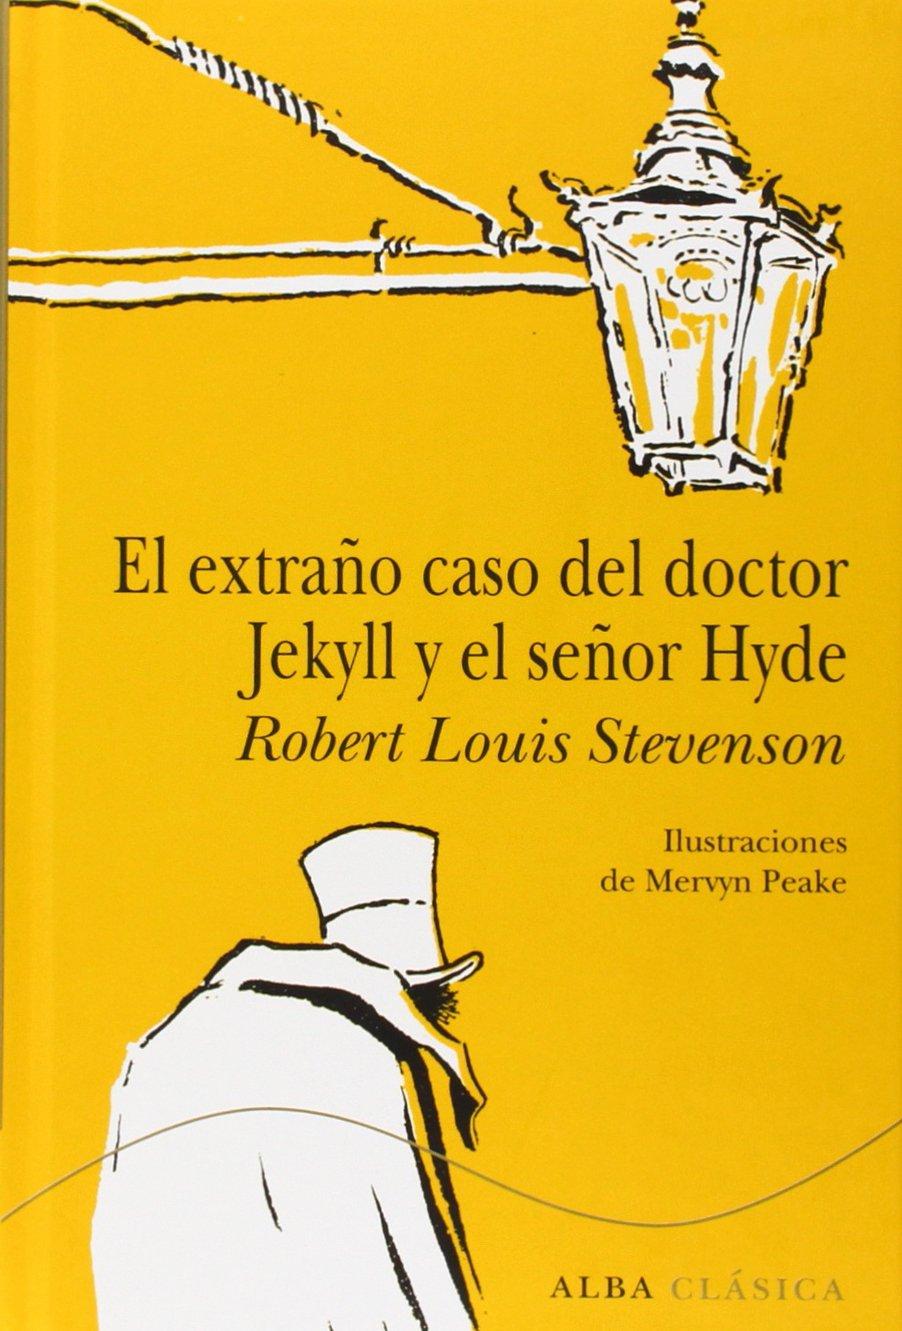 Download el extraño caso del doctor jekyll y el señor hyde PDF